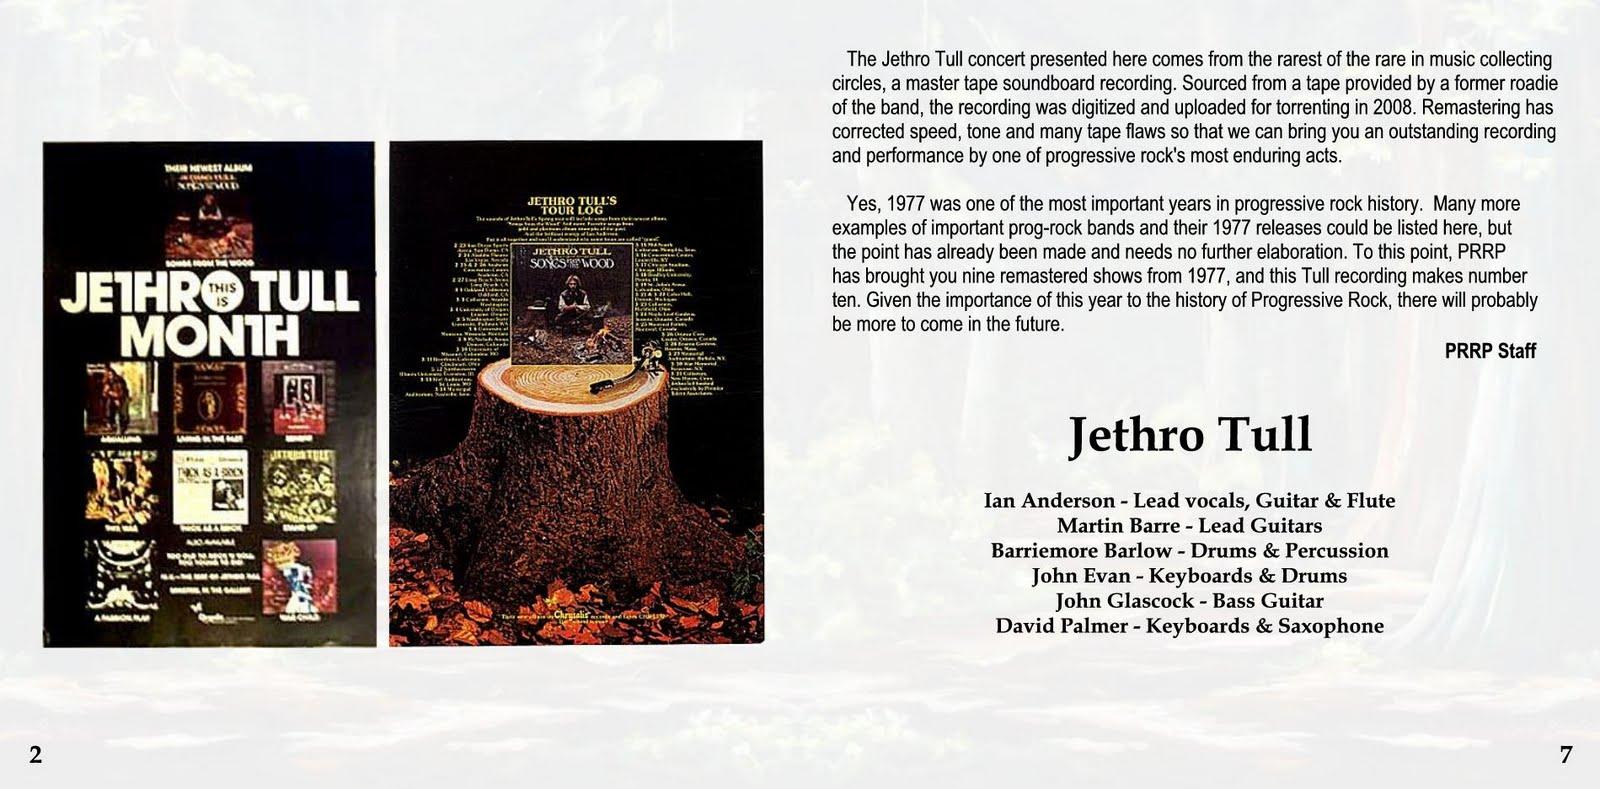 http://4.bp.blogspot.com/_5hIvOoTJzH8/TF3D-b6Pt9I/AAAAAAAAGc0/O_KtU4vEfys/s1600/PRRP+054+Jethro+Tull+1977+02+05+Manchester+Cover+Flip.jpg